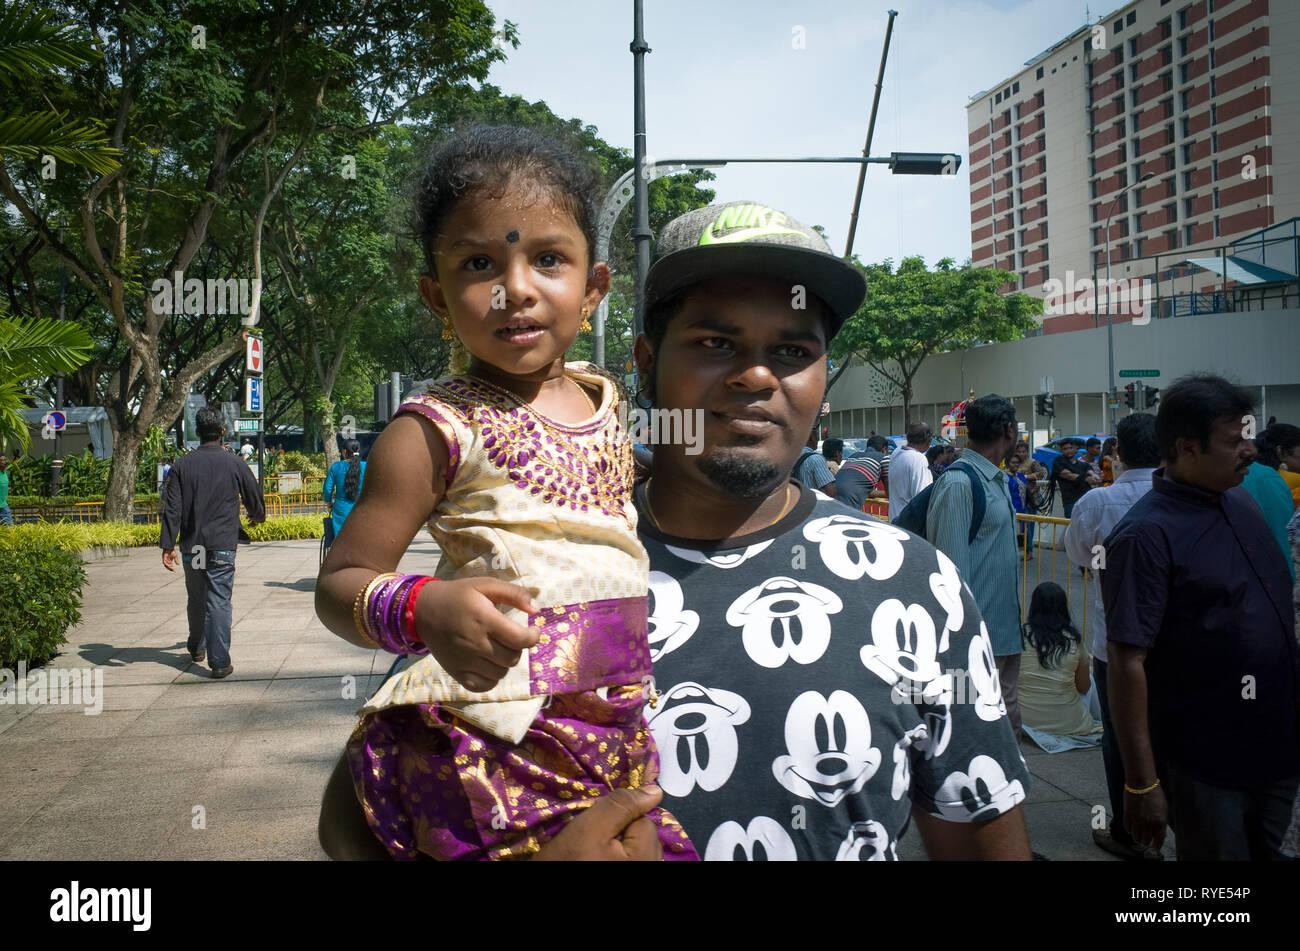 Padre indio mantiene joven hija sonriente en el festival Thaipusam - Singapur Imagen De Stock